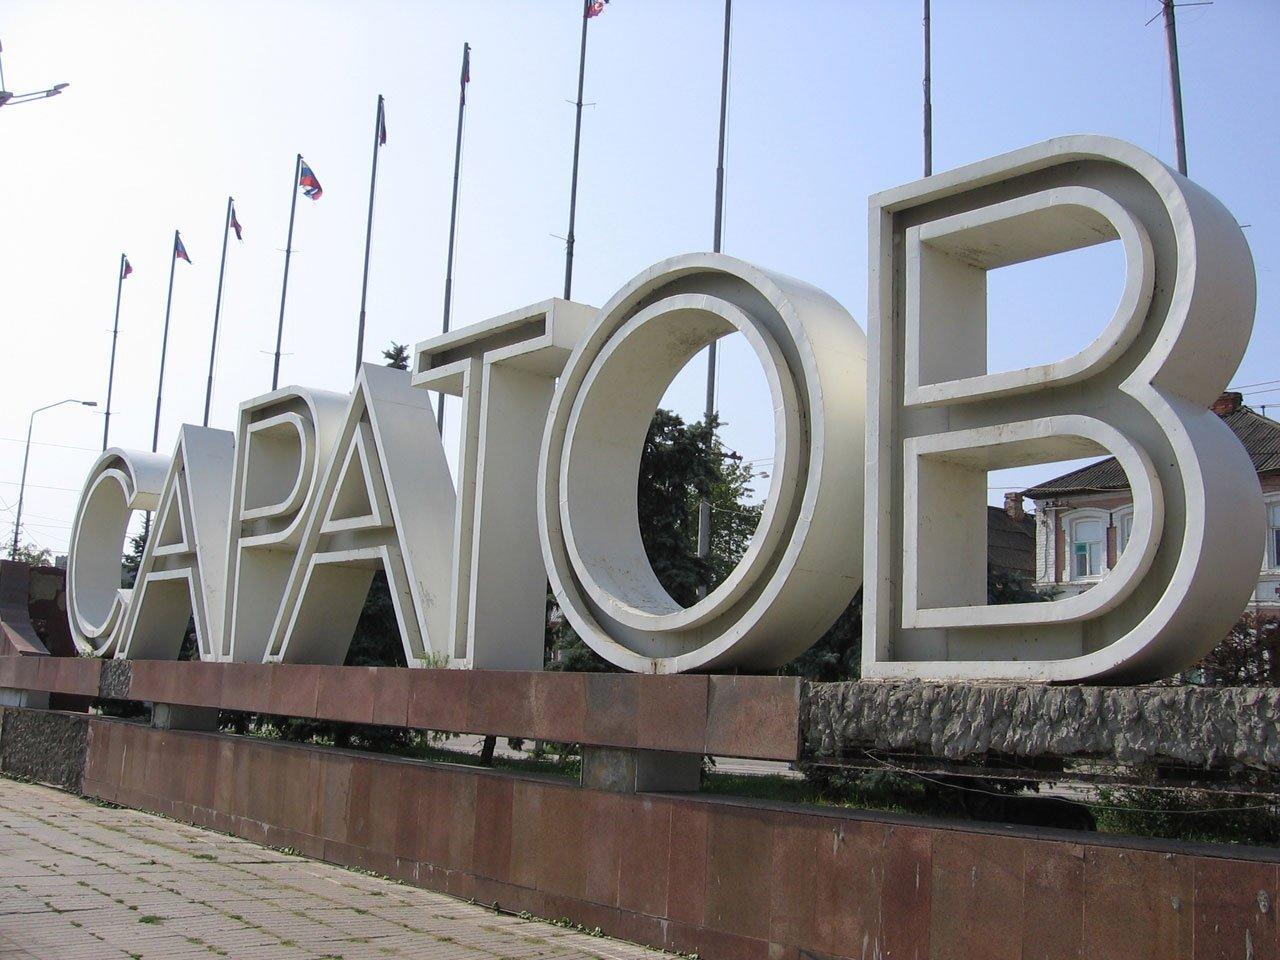 Перечень воинских частей в Саратове и Саратовской области